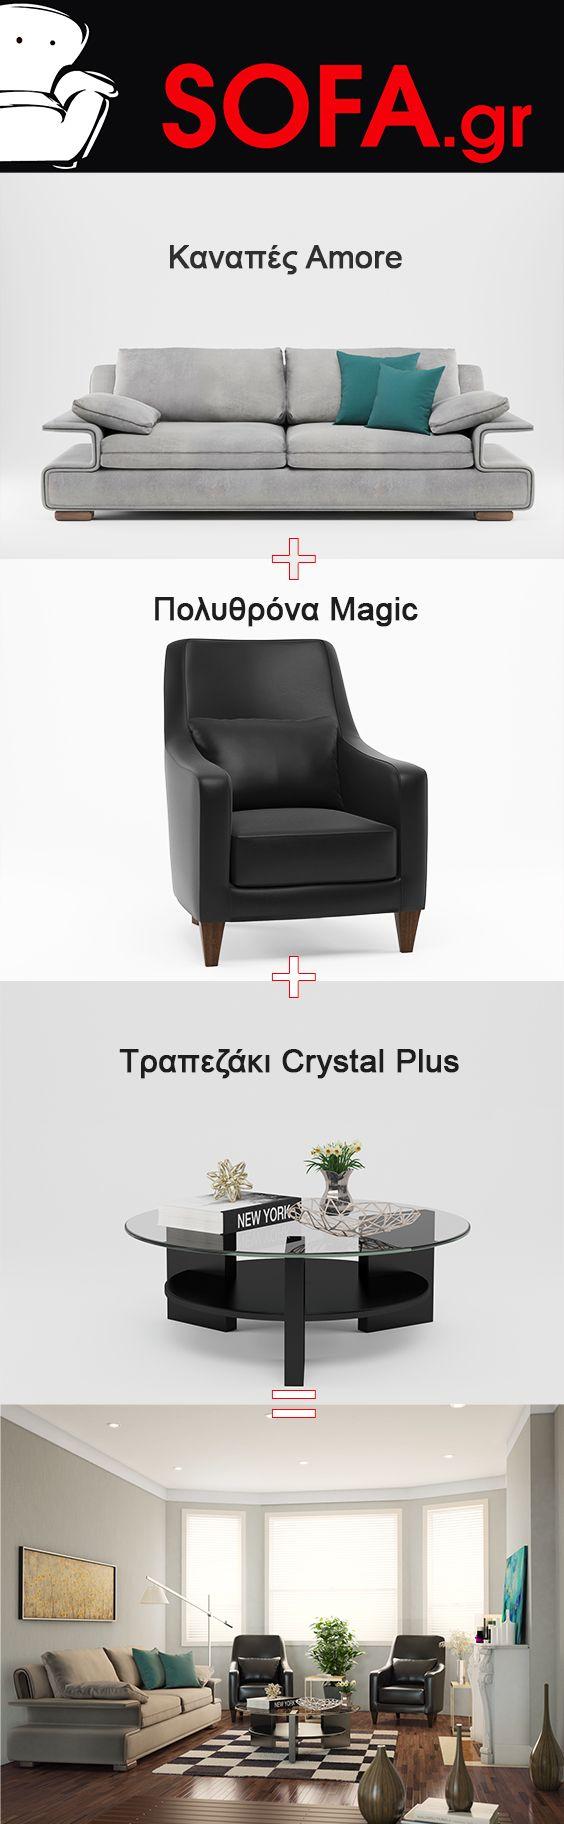 Συνδυάστε τον καινούργιο μας #καναπέ Amore με την #μαύρη #δερμάτινη #πολυθρόνα  Magic και το #τραπεζάκι crystal Plus. Το αποτέλεσμα, ένα #σαλόνι με χαρακτήρα και #στυλ. Δείτε περισσότερους συνδυασμούς στο άρθρο μας.